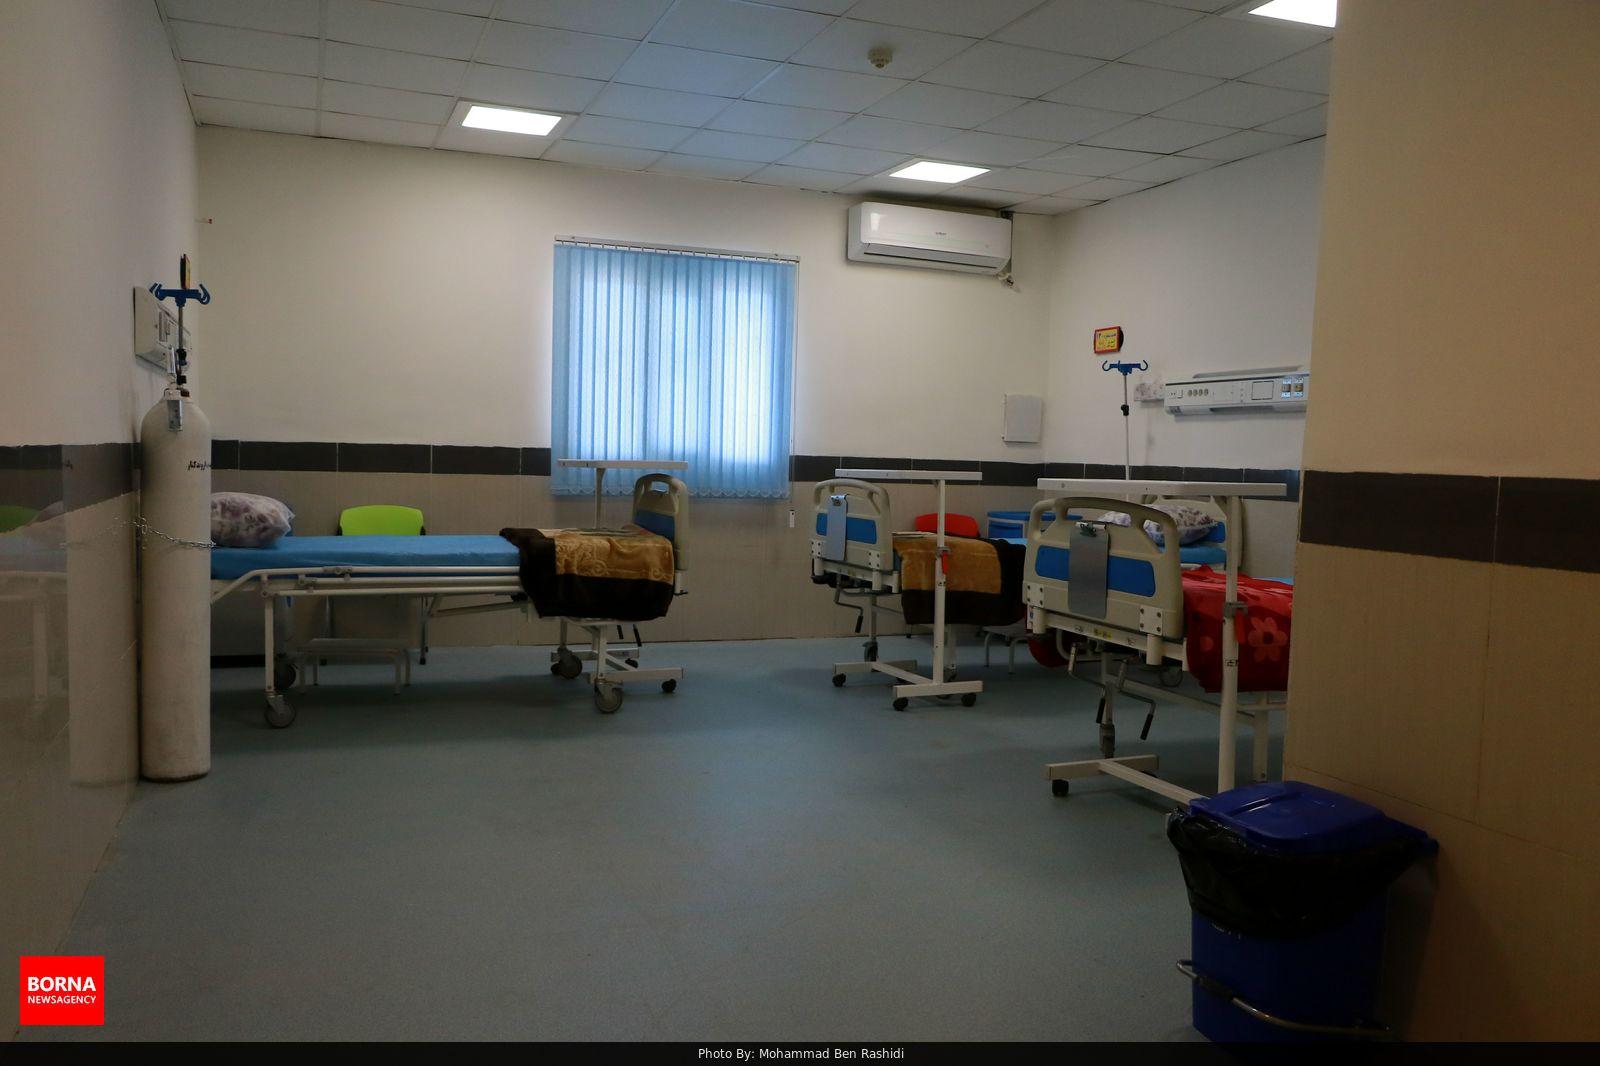 افتتاح بخش تخصصی بستری بیمارستان حضرت زینب(س)